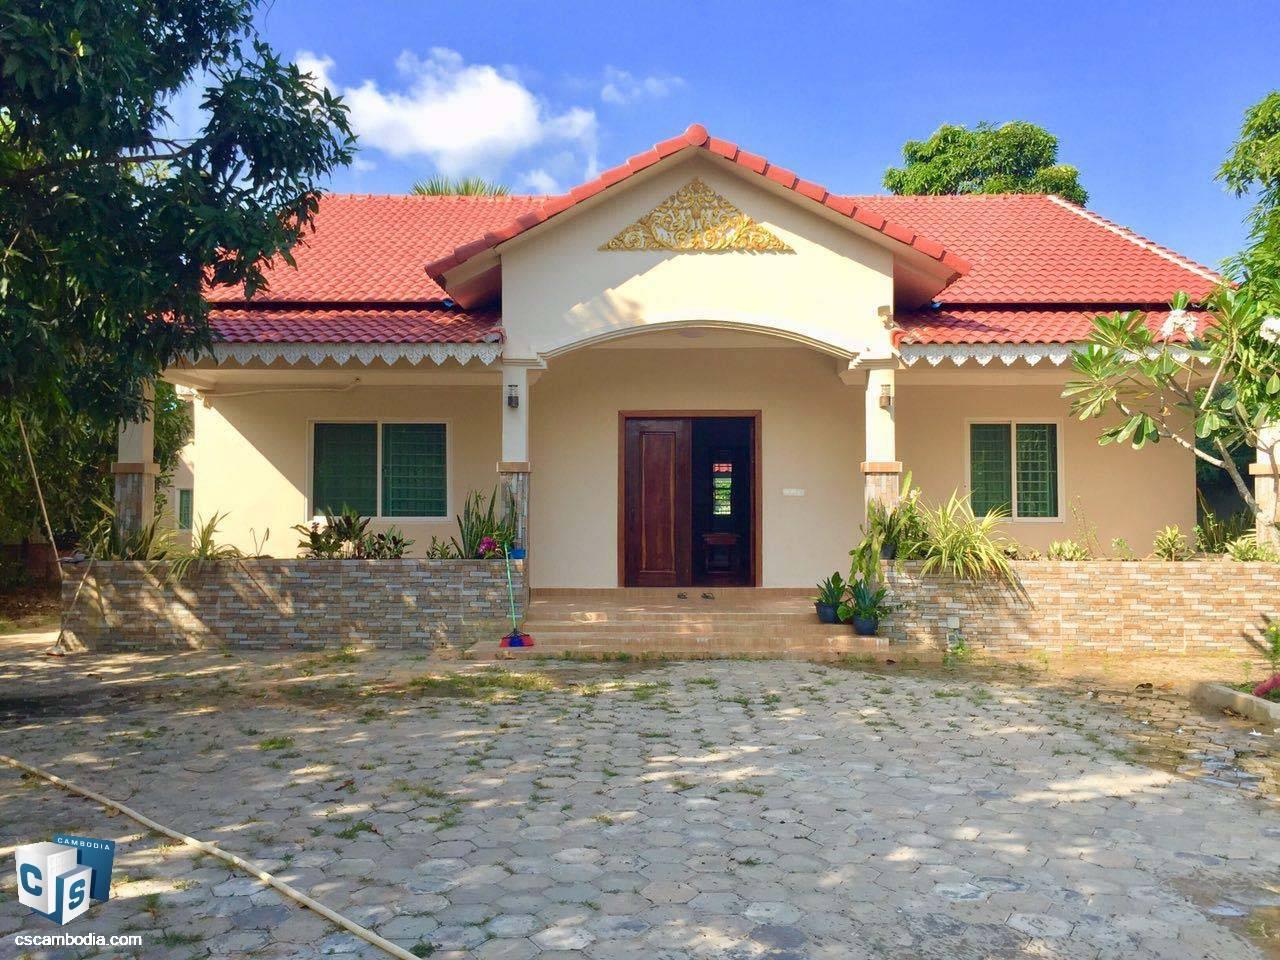 3 Bedroom House – For Rent – Kok Chork Commune – Siem Reap